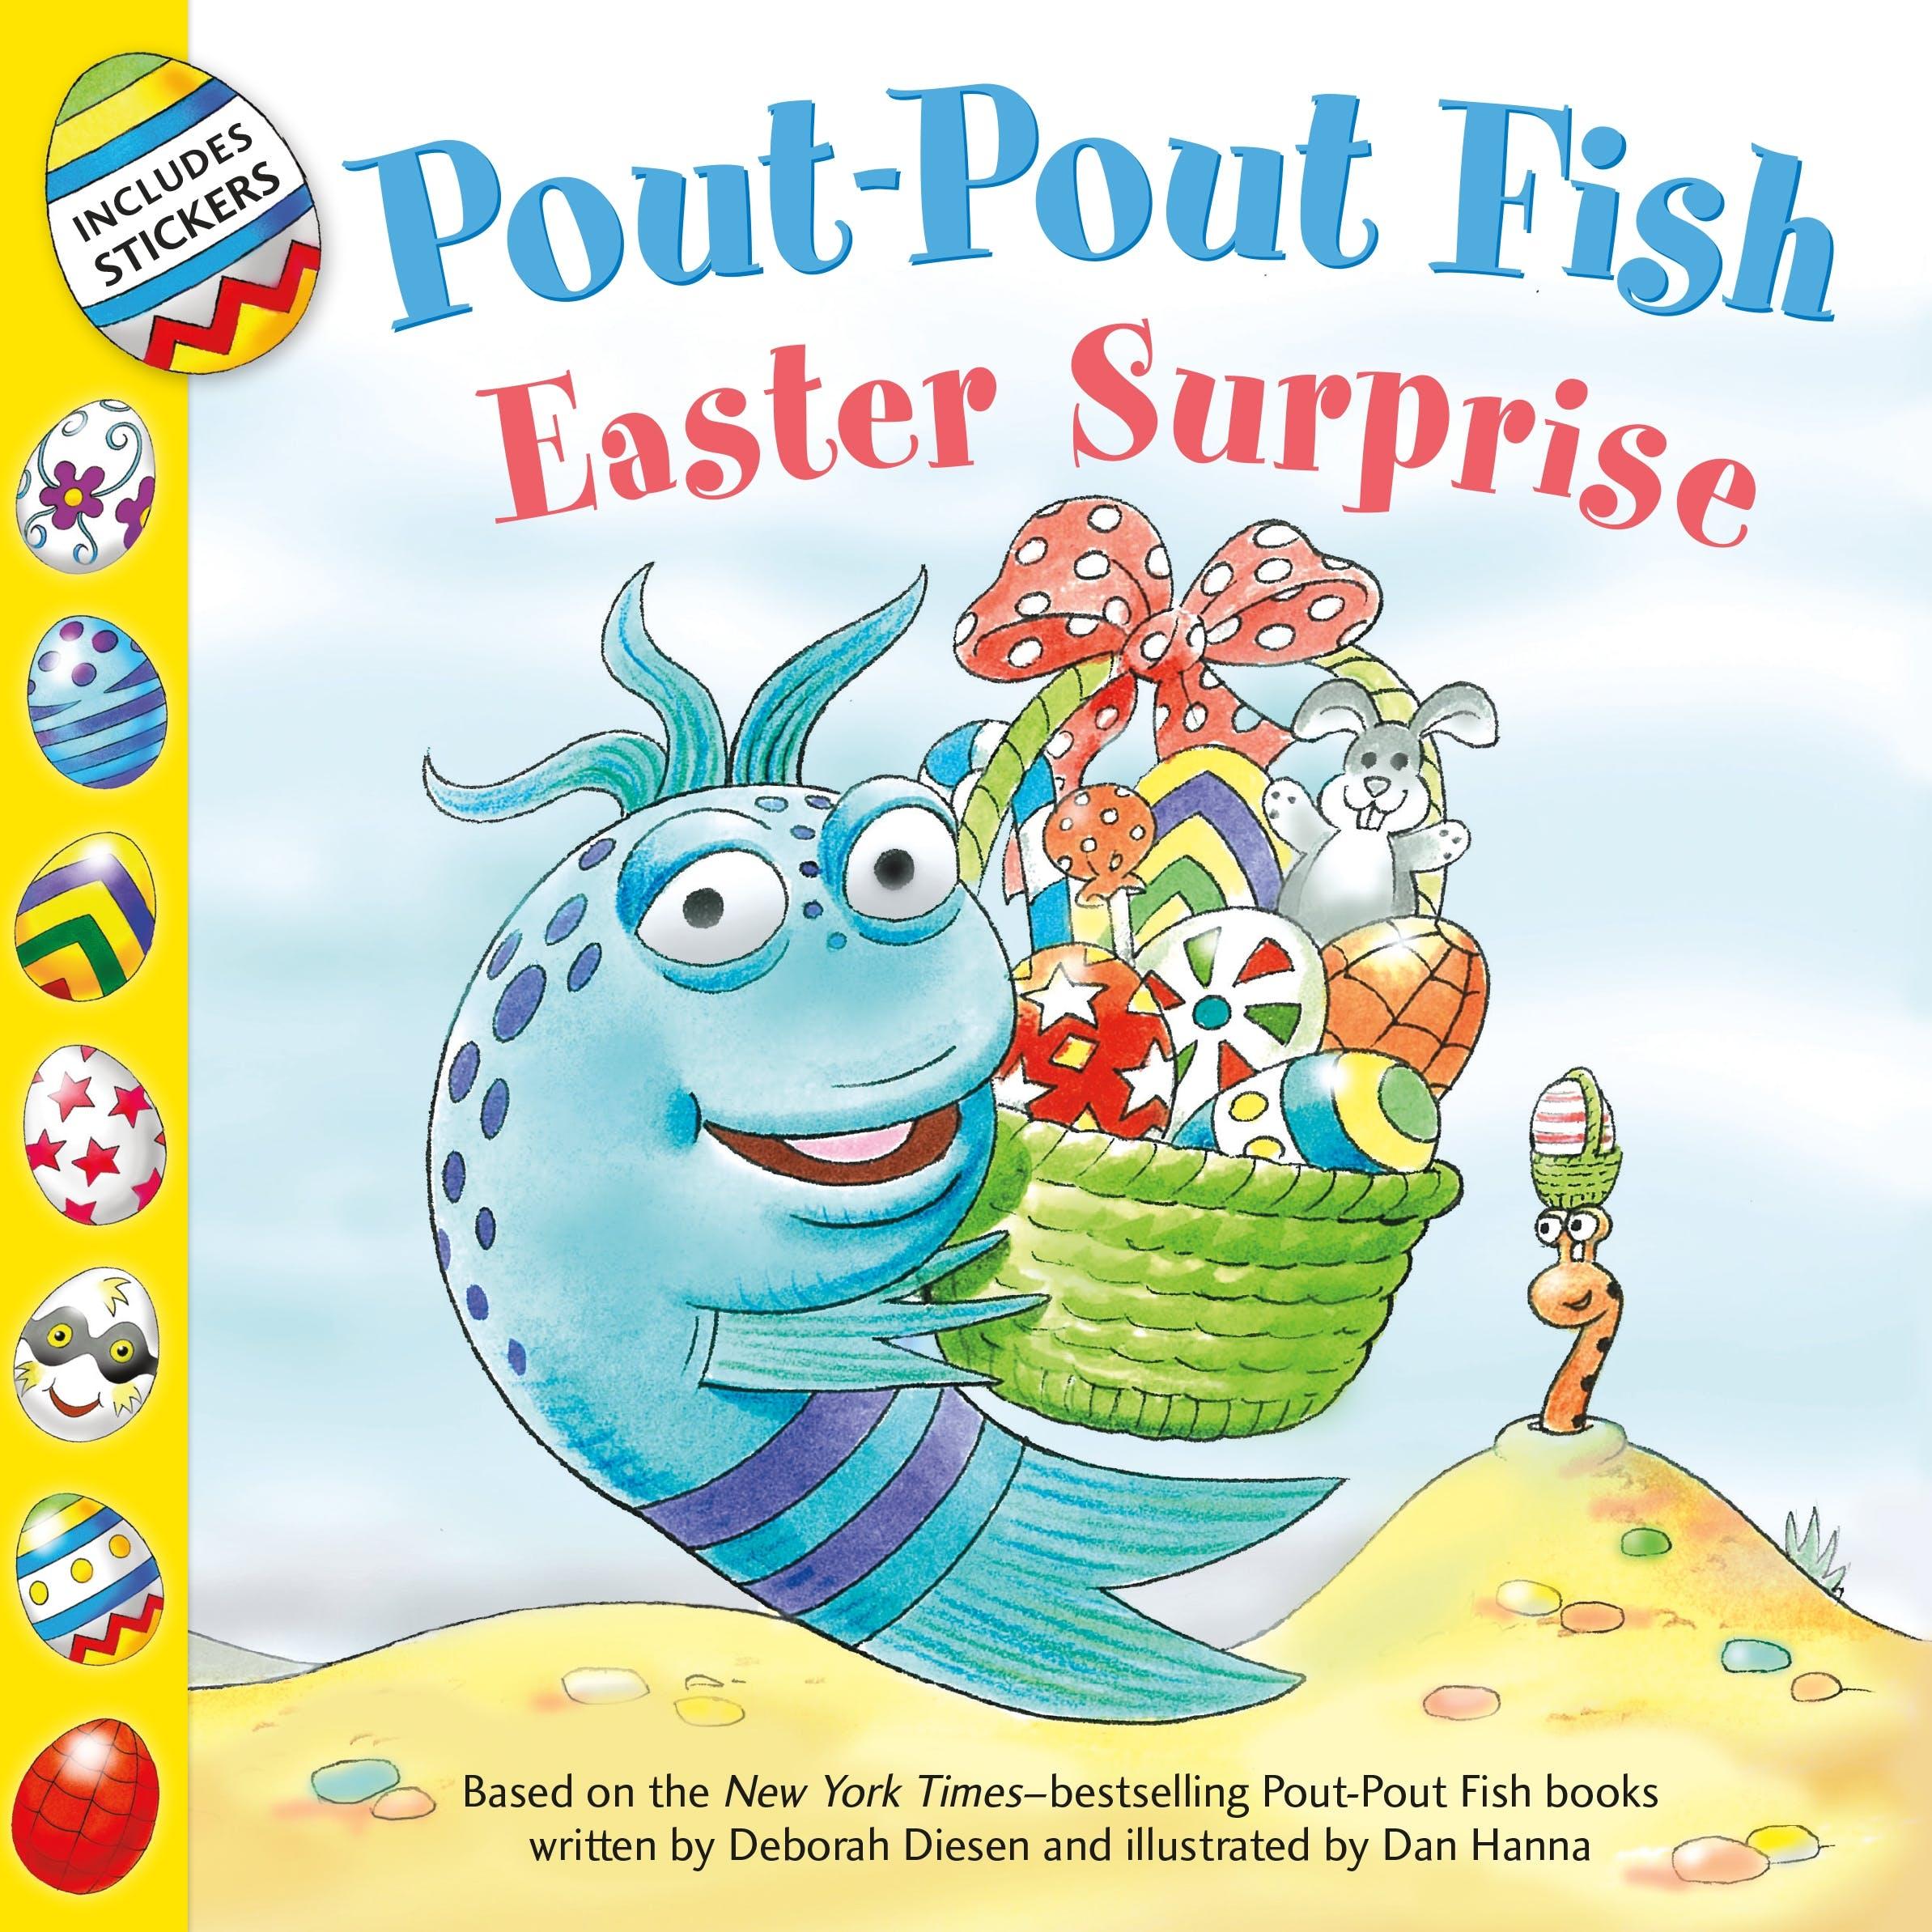 Image of Pout-Pout Fish: Easter Surprise